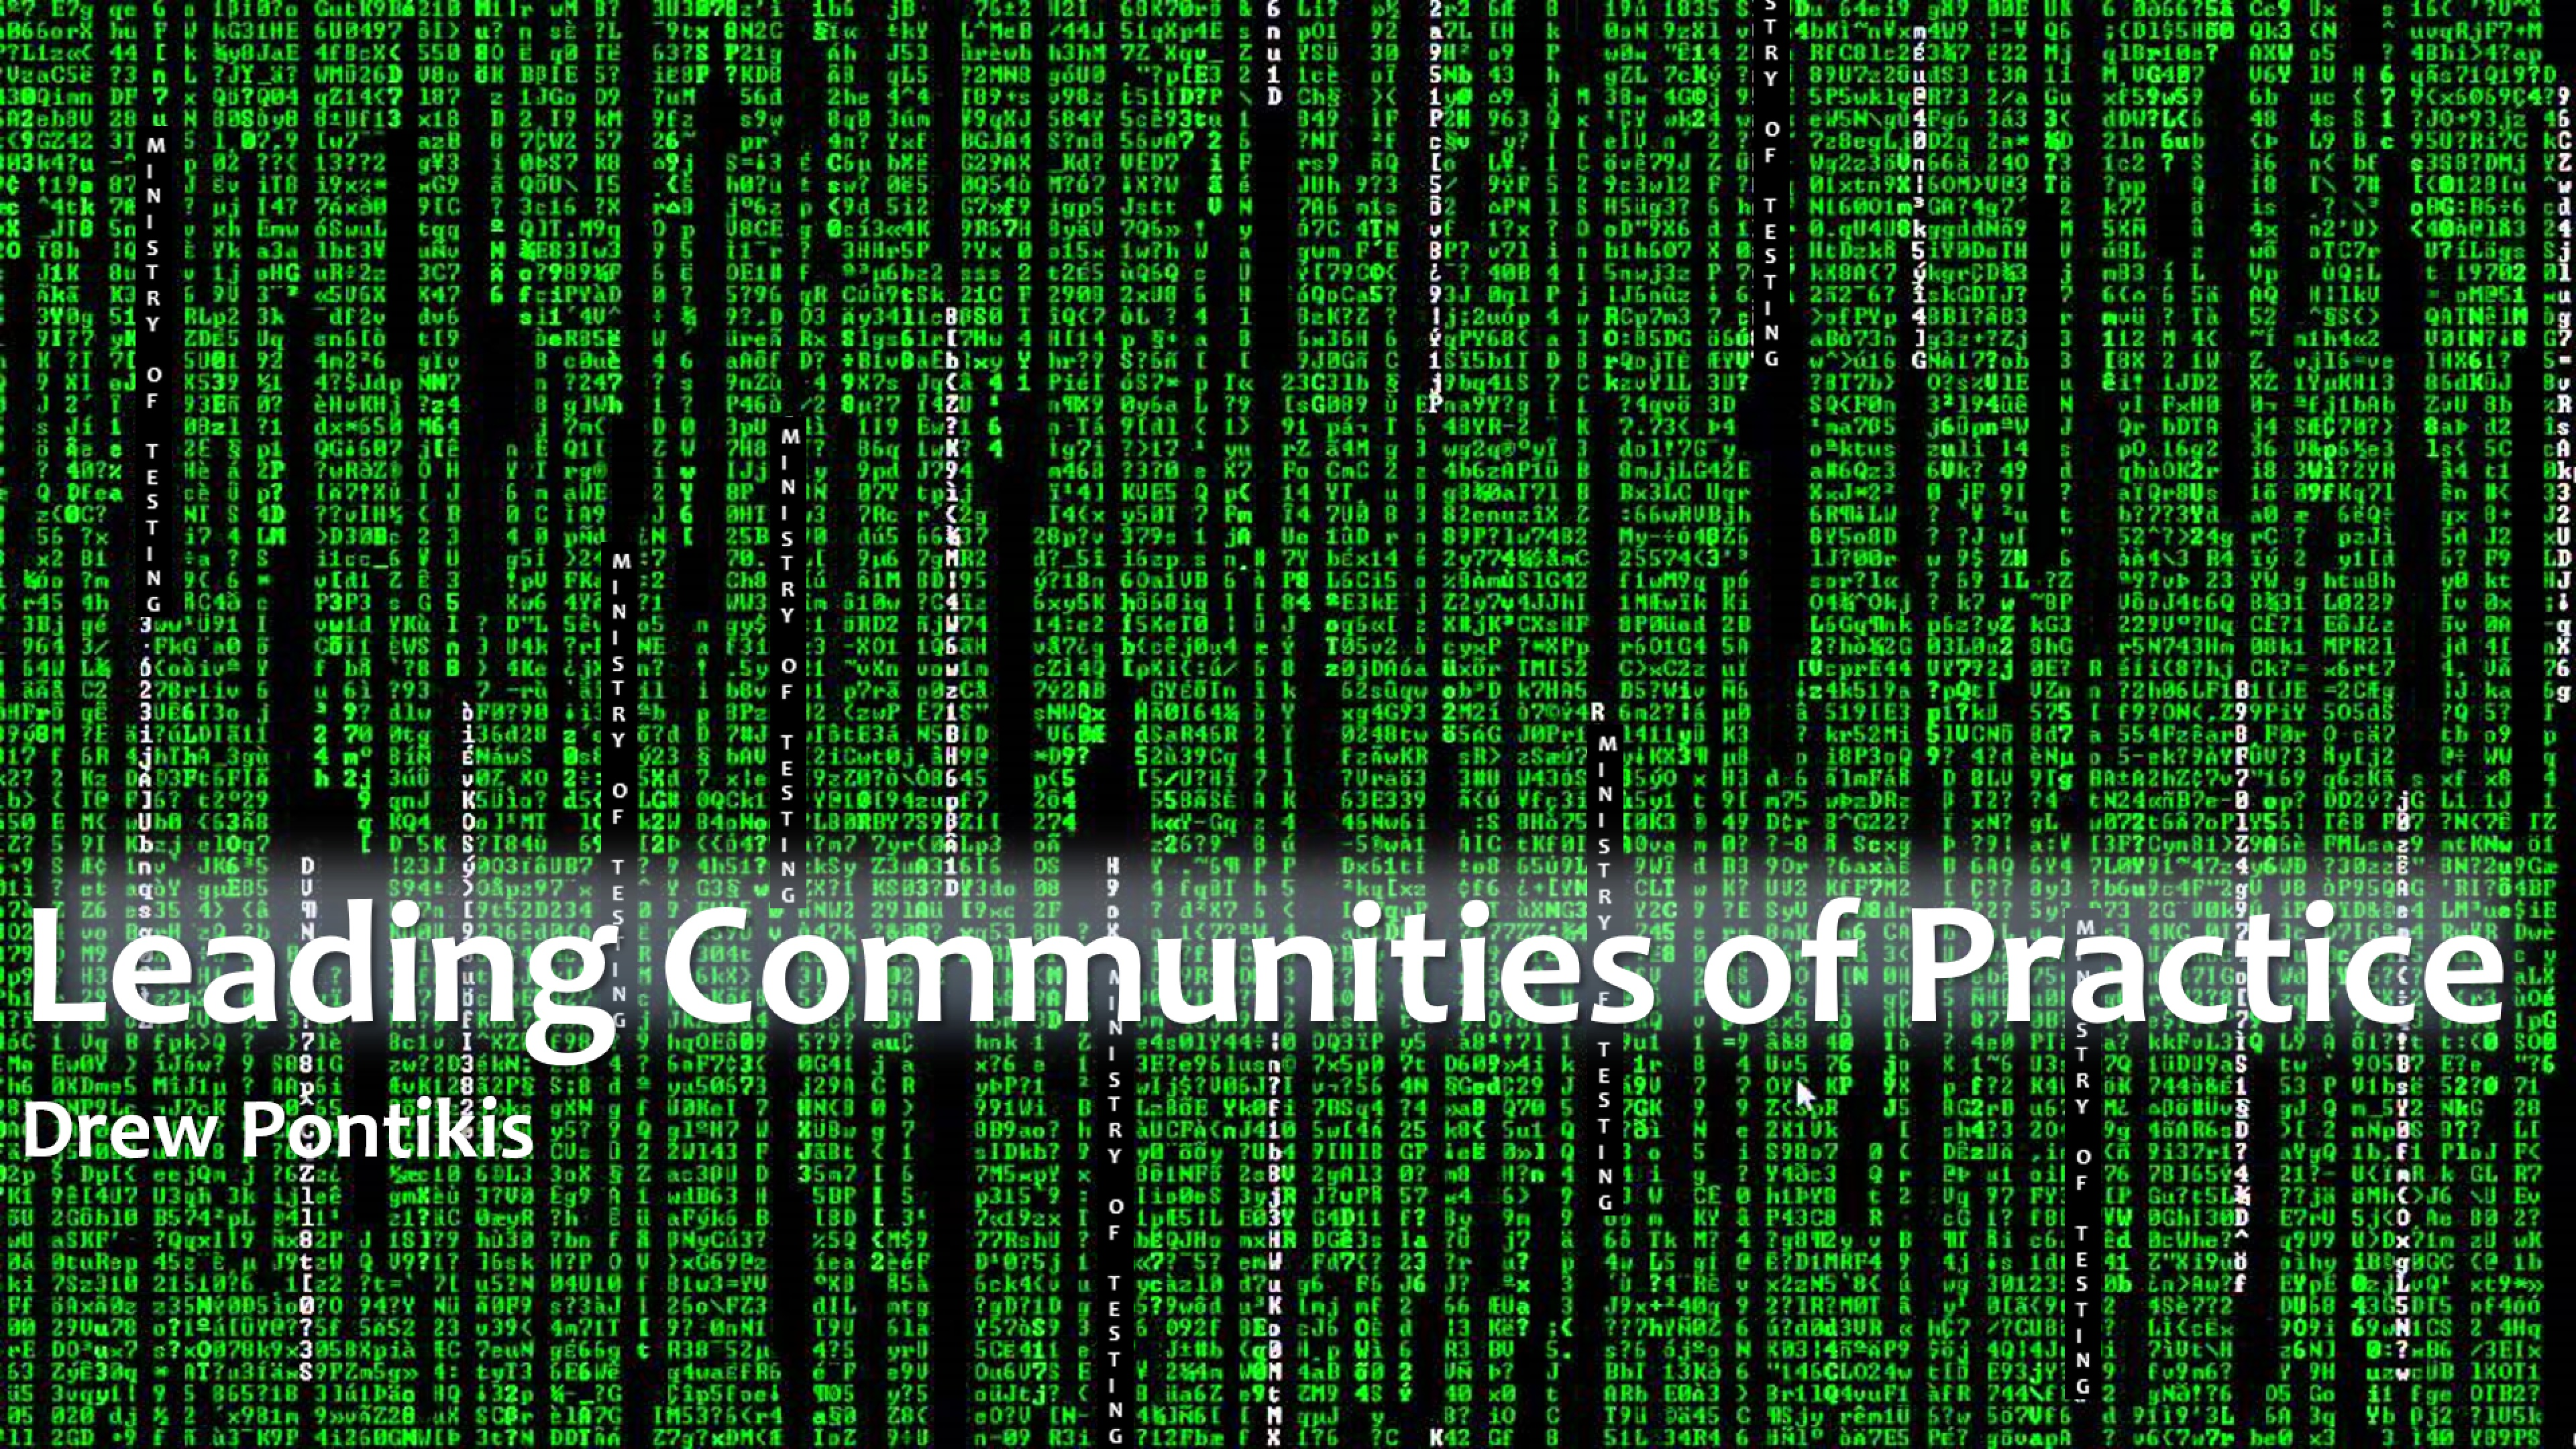 The MoTrix - Leading Communities of Practice with Drew Pontikis